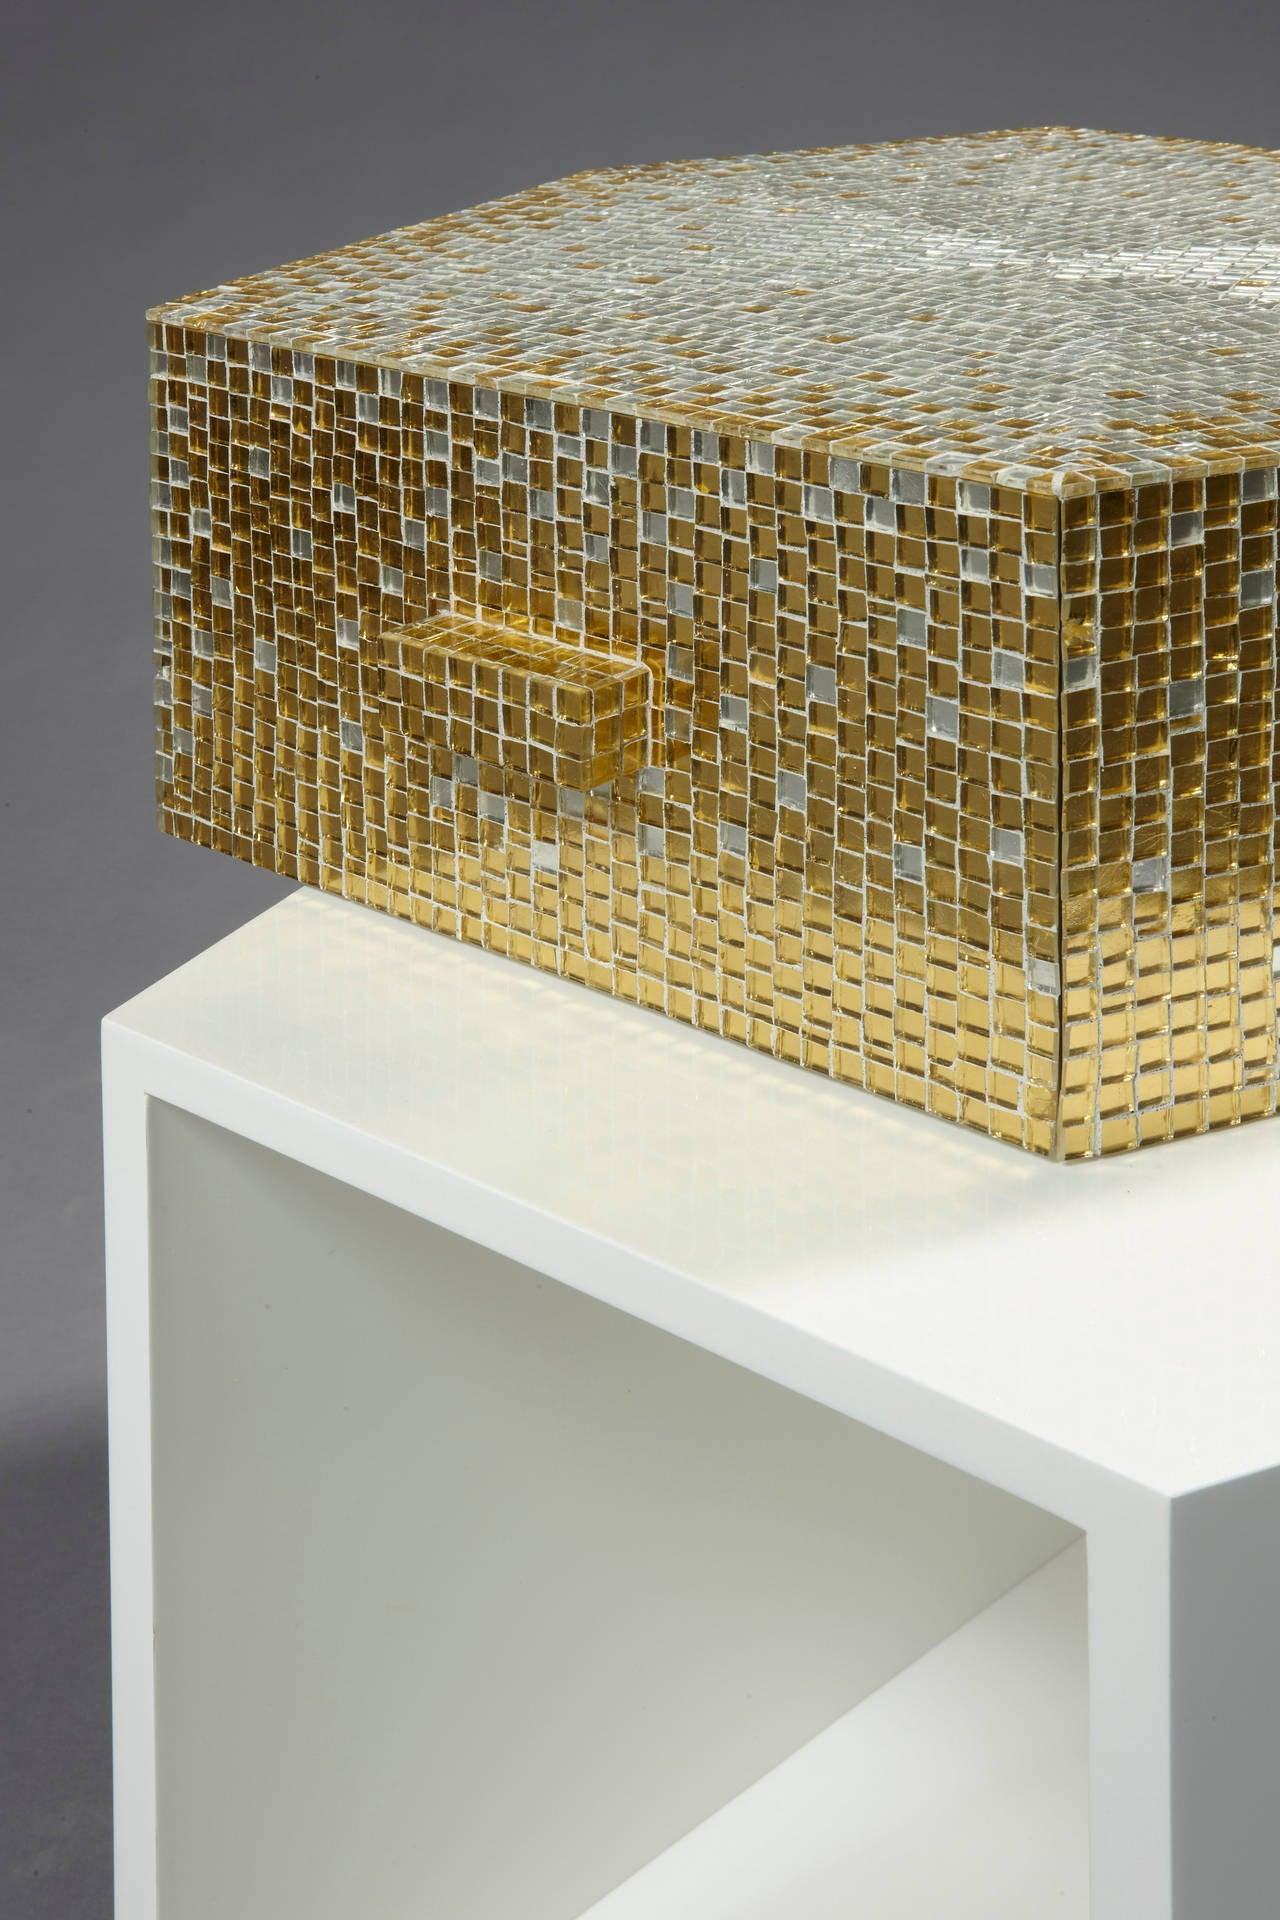 Bijou Side Table by Mattia Bonetti. In stock 2